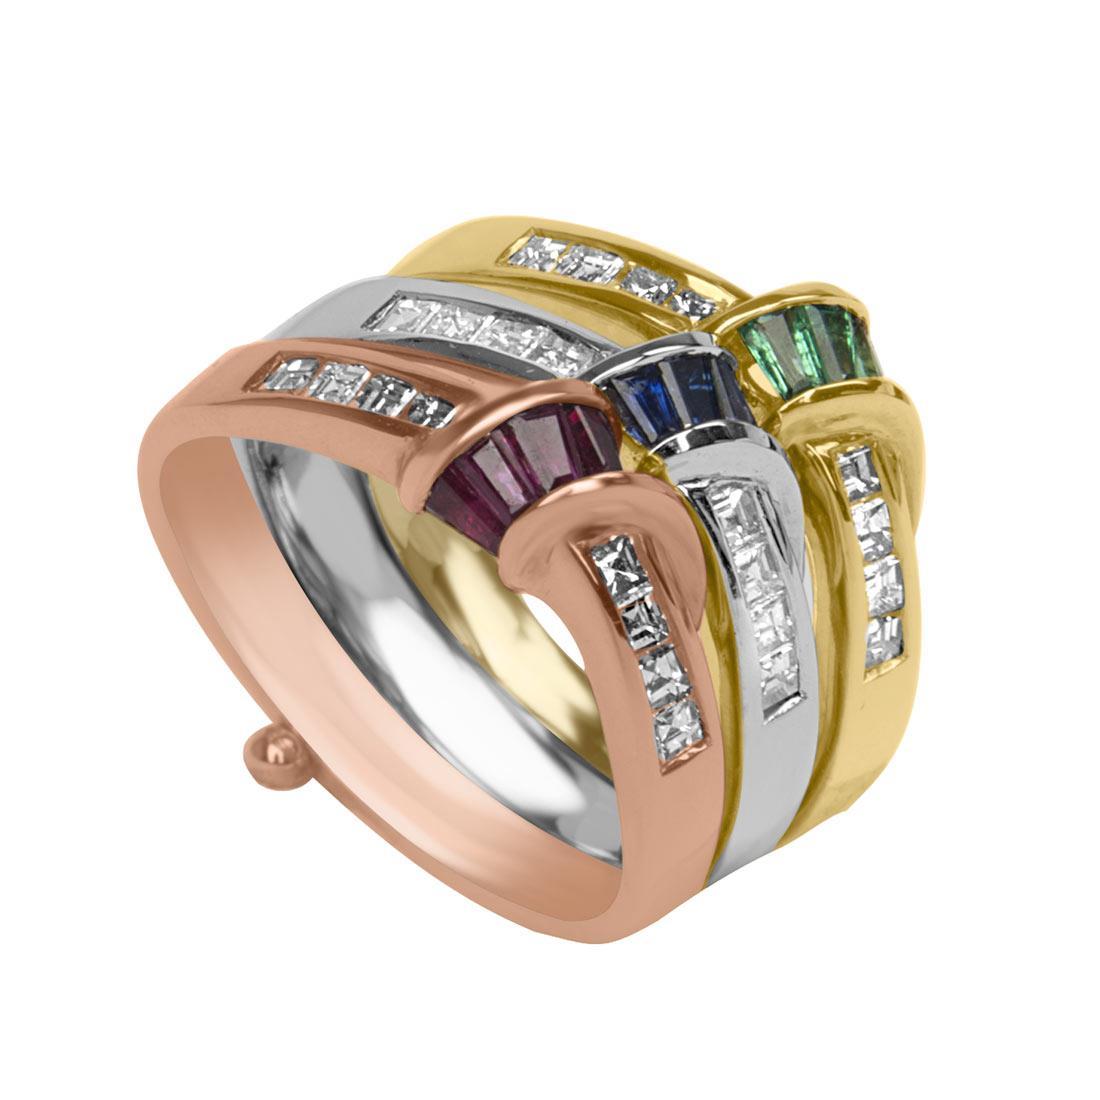 Anello Oro & Co in oro bianco e oro giallo e oro rosa con diamanti ct 0,70 - ORO&CO